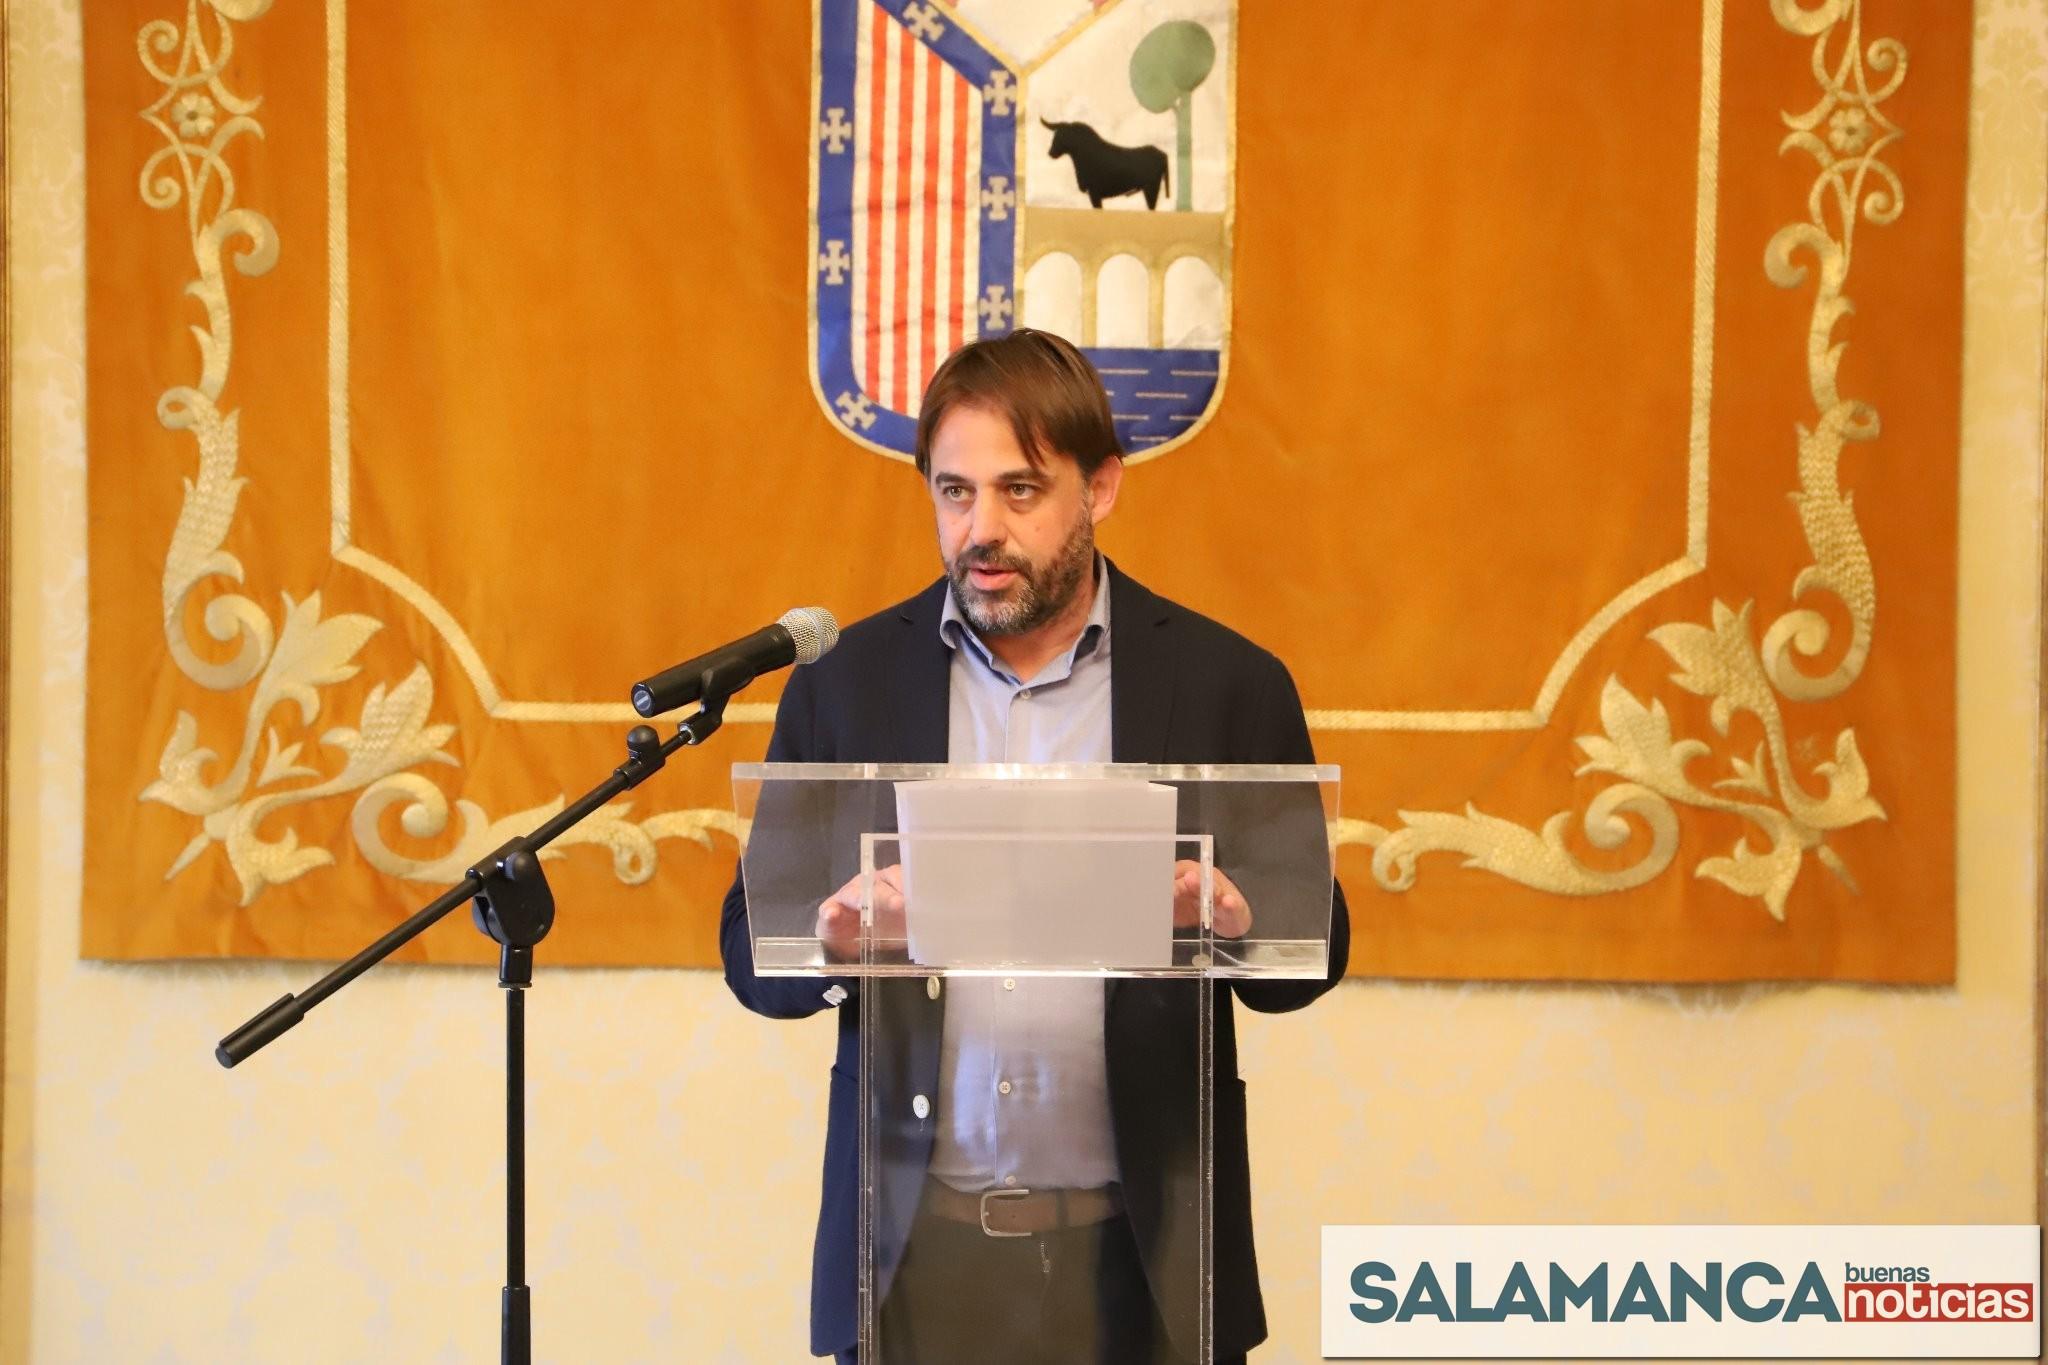 El Ayuntamiento asume la gestión directa del Palacio de Congresos y Exposiciones de Salamanca